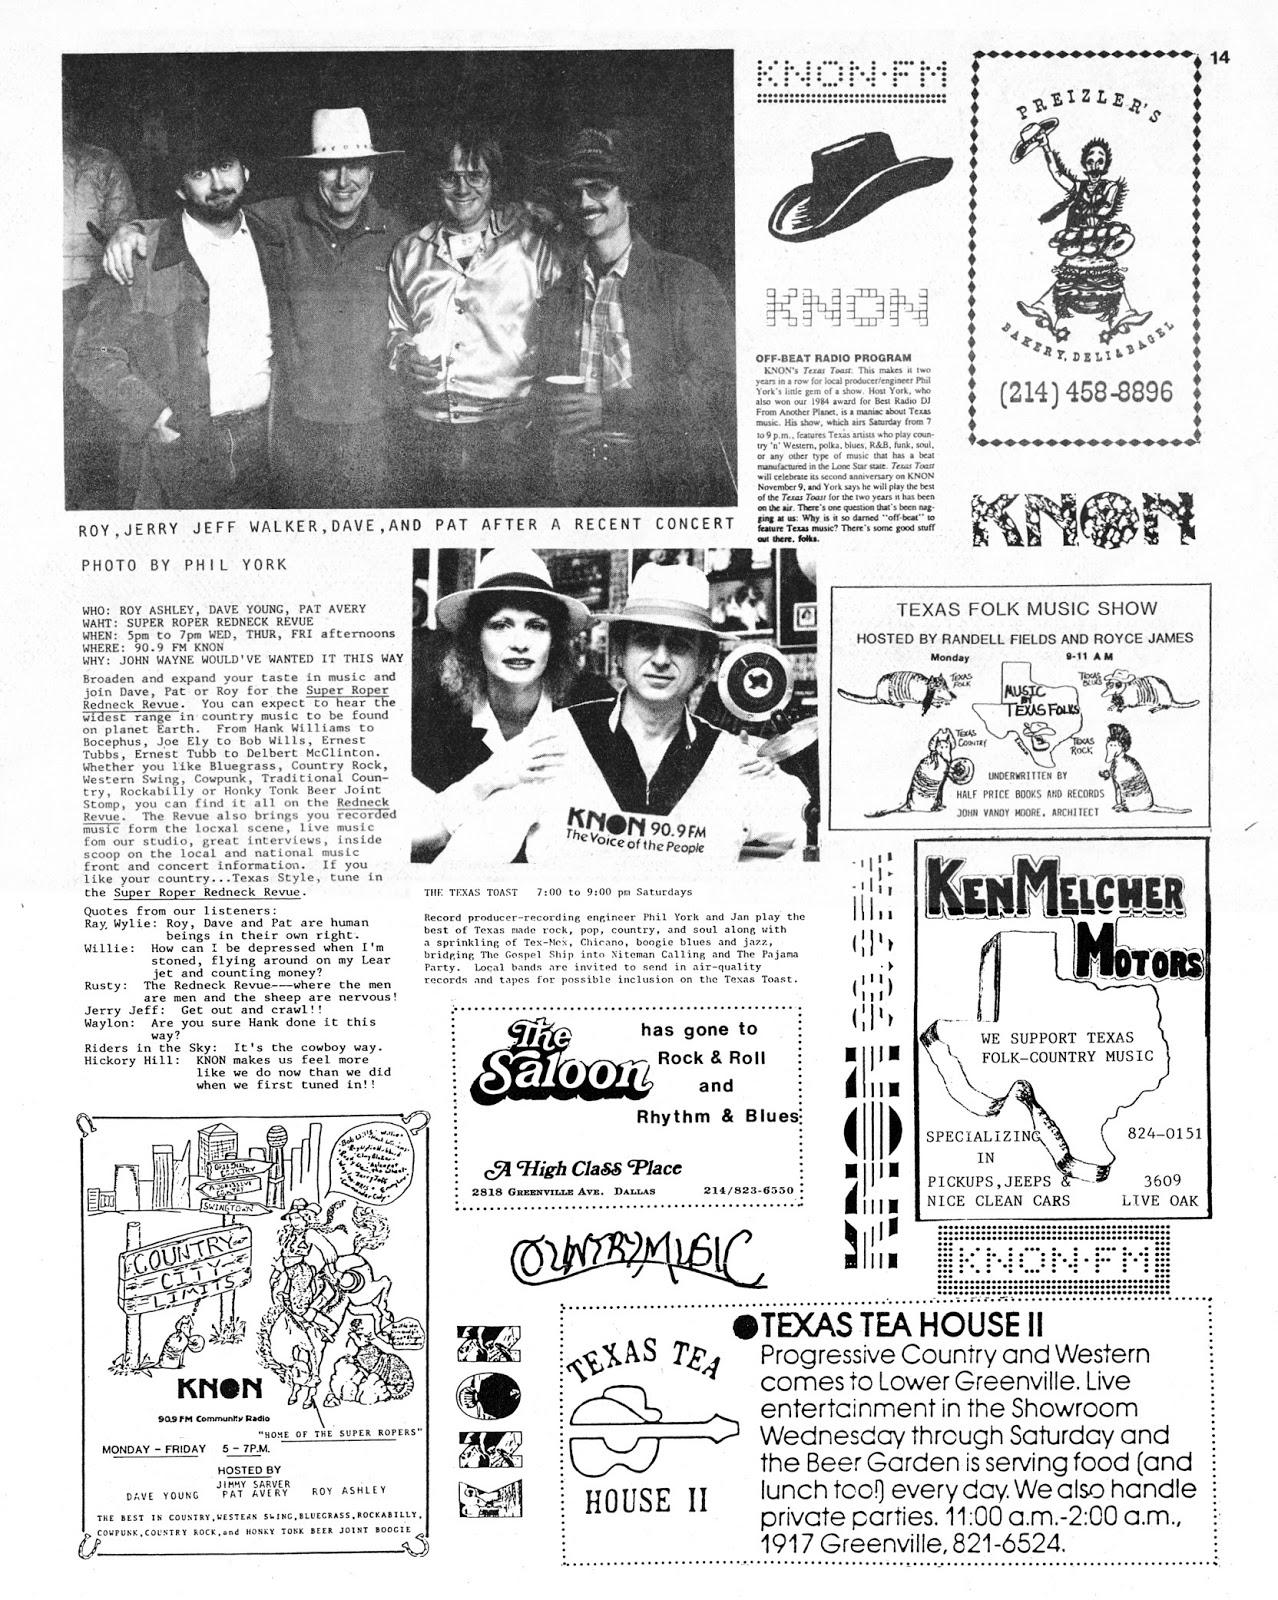 scrapbook-1985-issue-2-p14